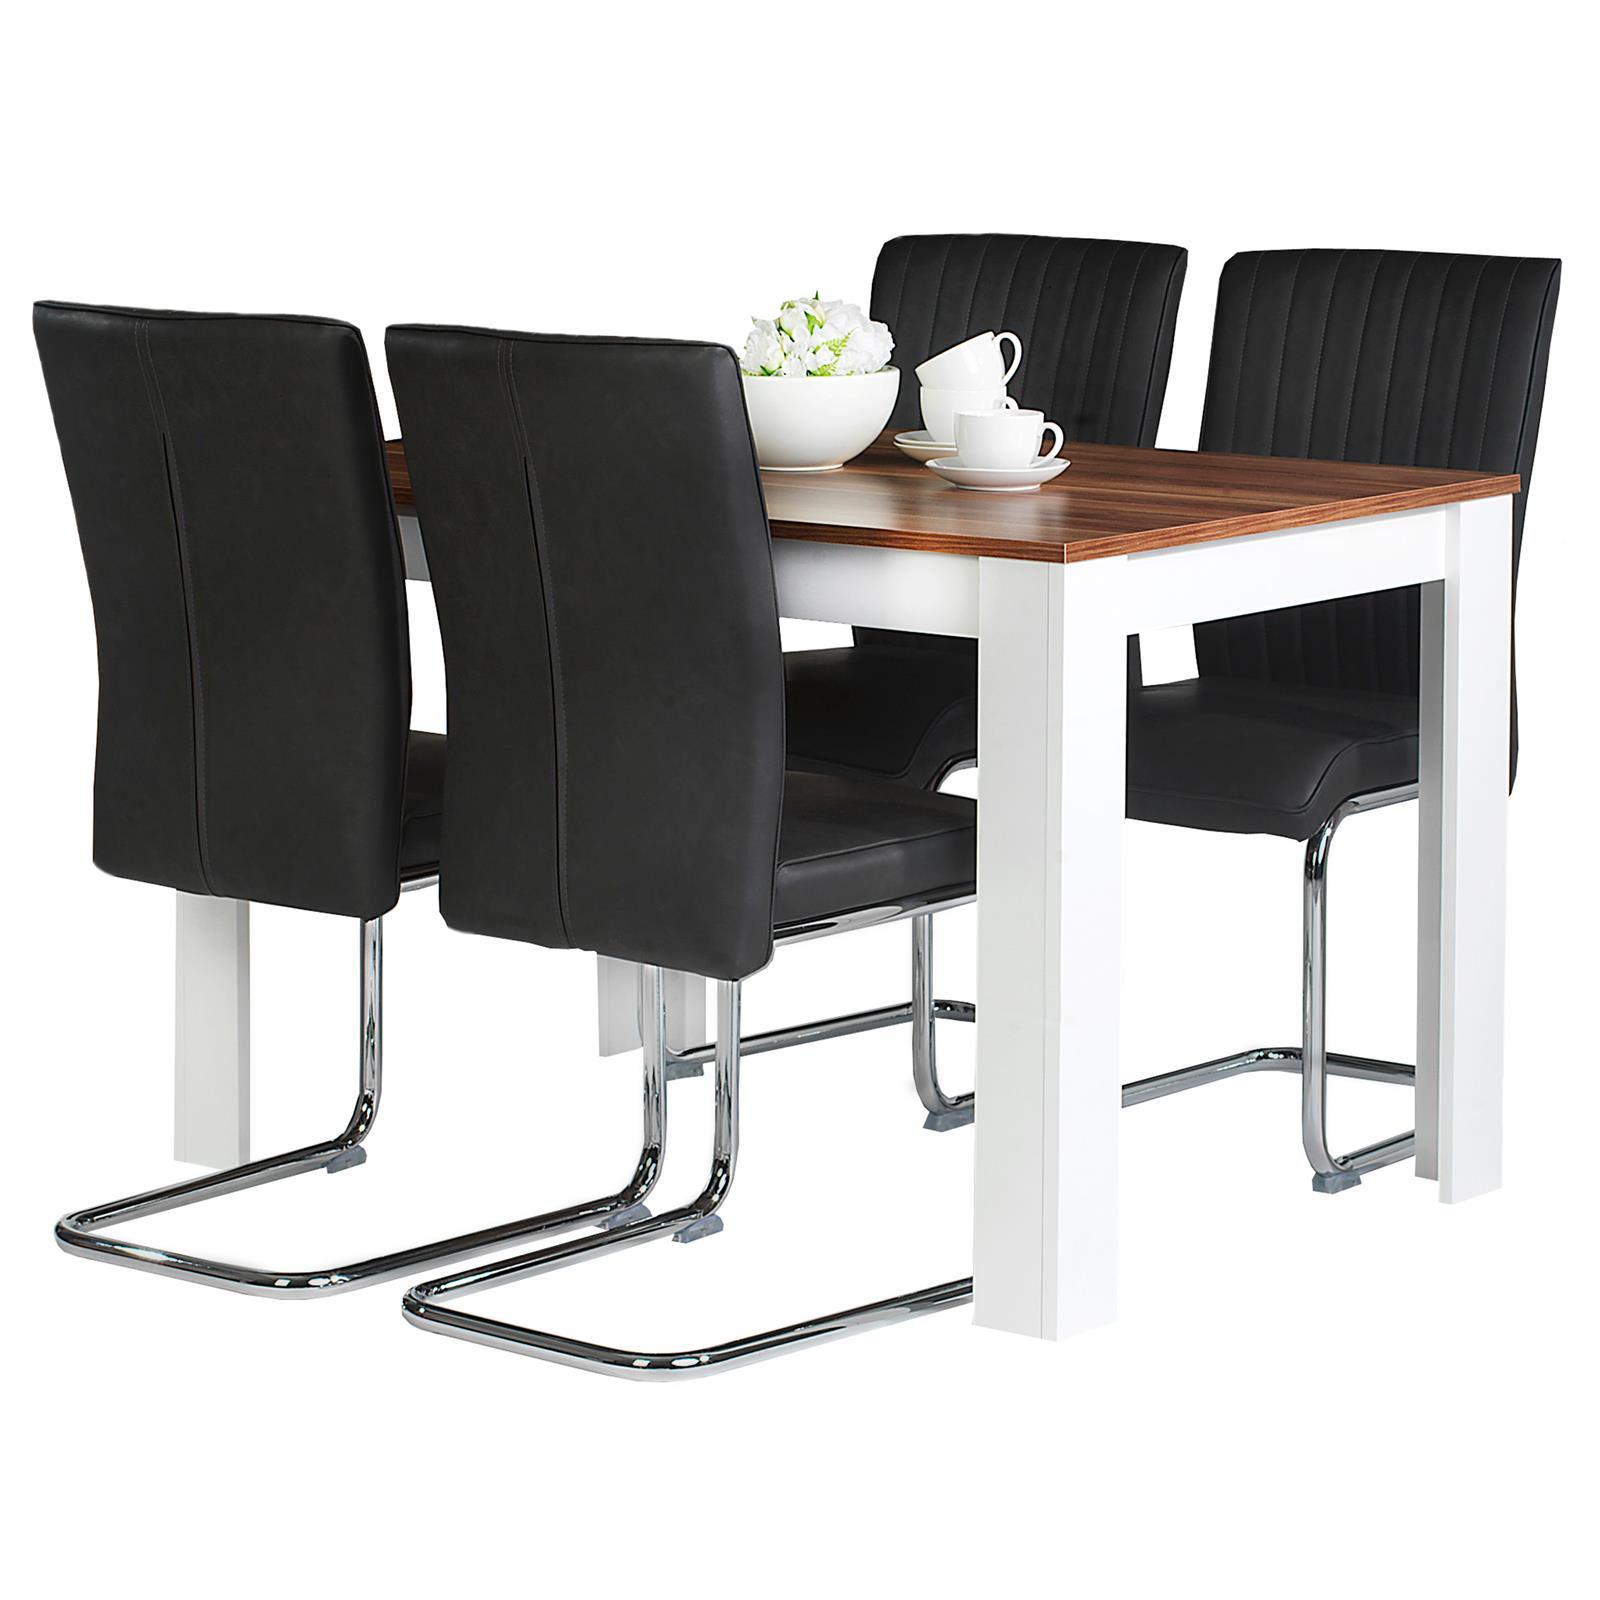 esstisch 120 x 75 x 80 cm b x h x t esszimmertisch k chentisch modern design ebay. Black Bedroom Furniture Sets. Home Design Ideas